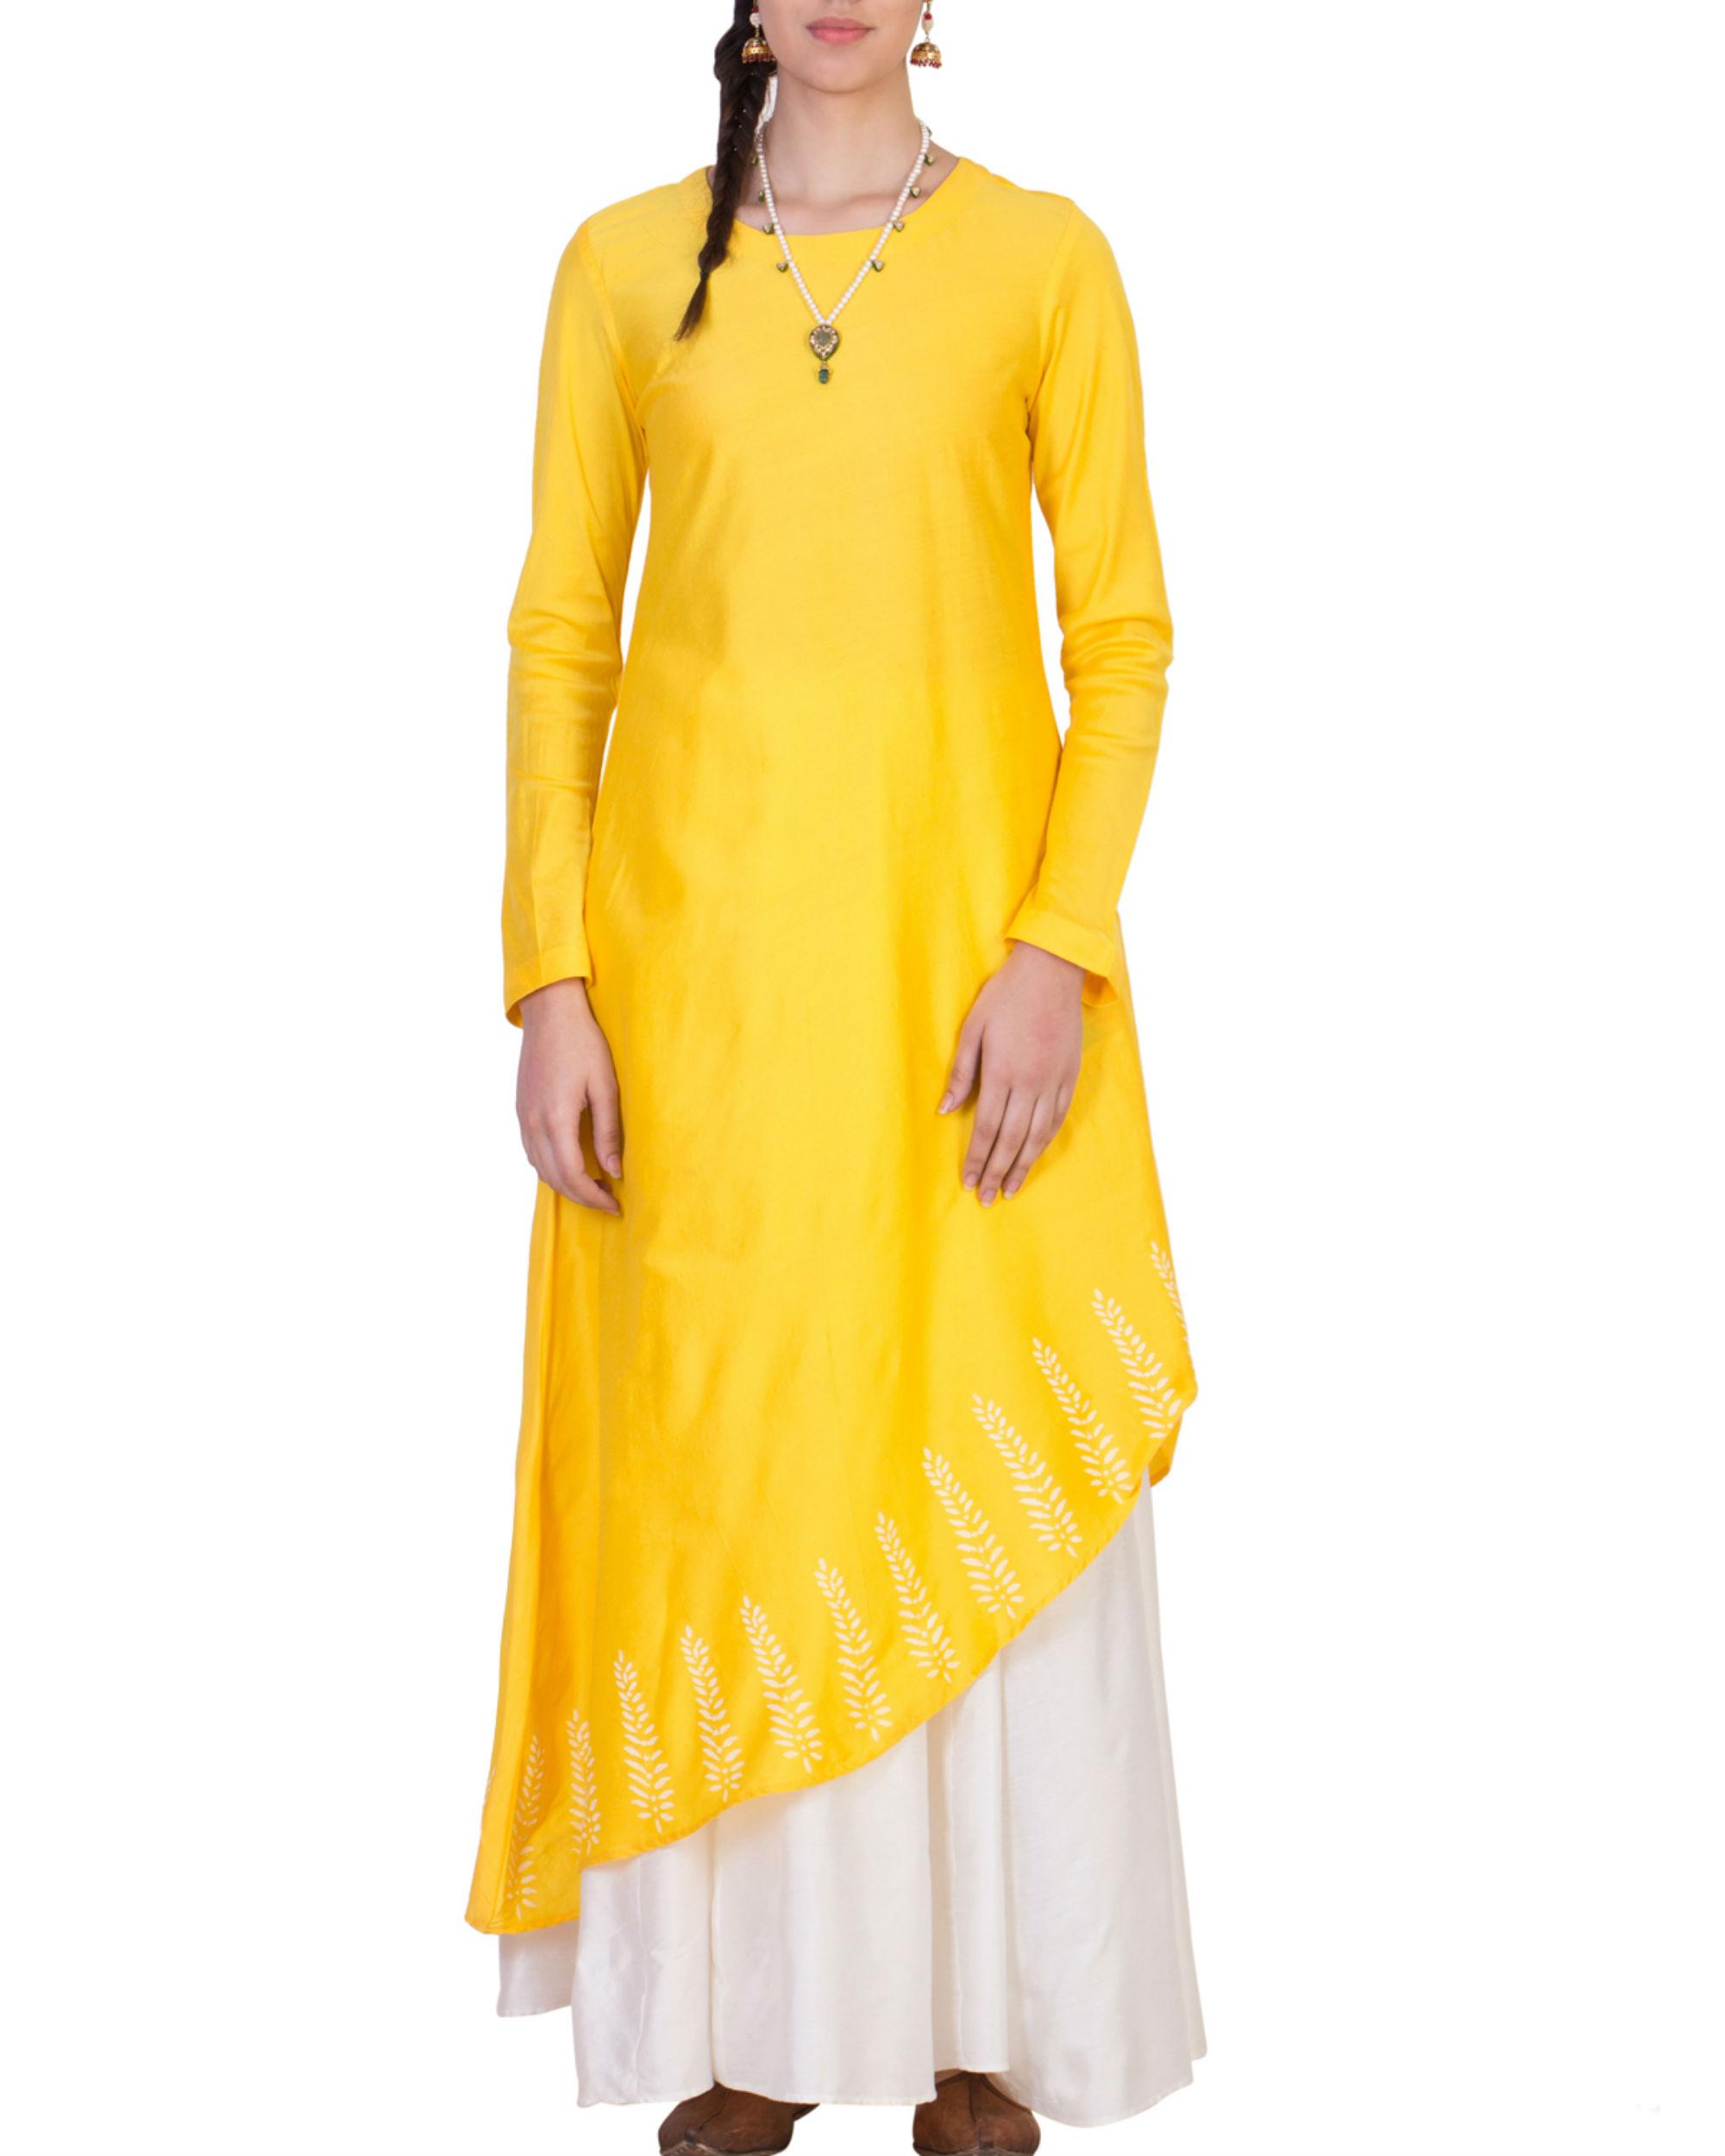 Yellow tunic with white skirt